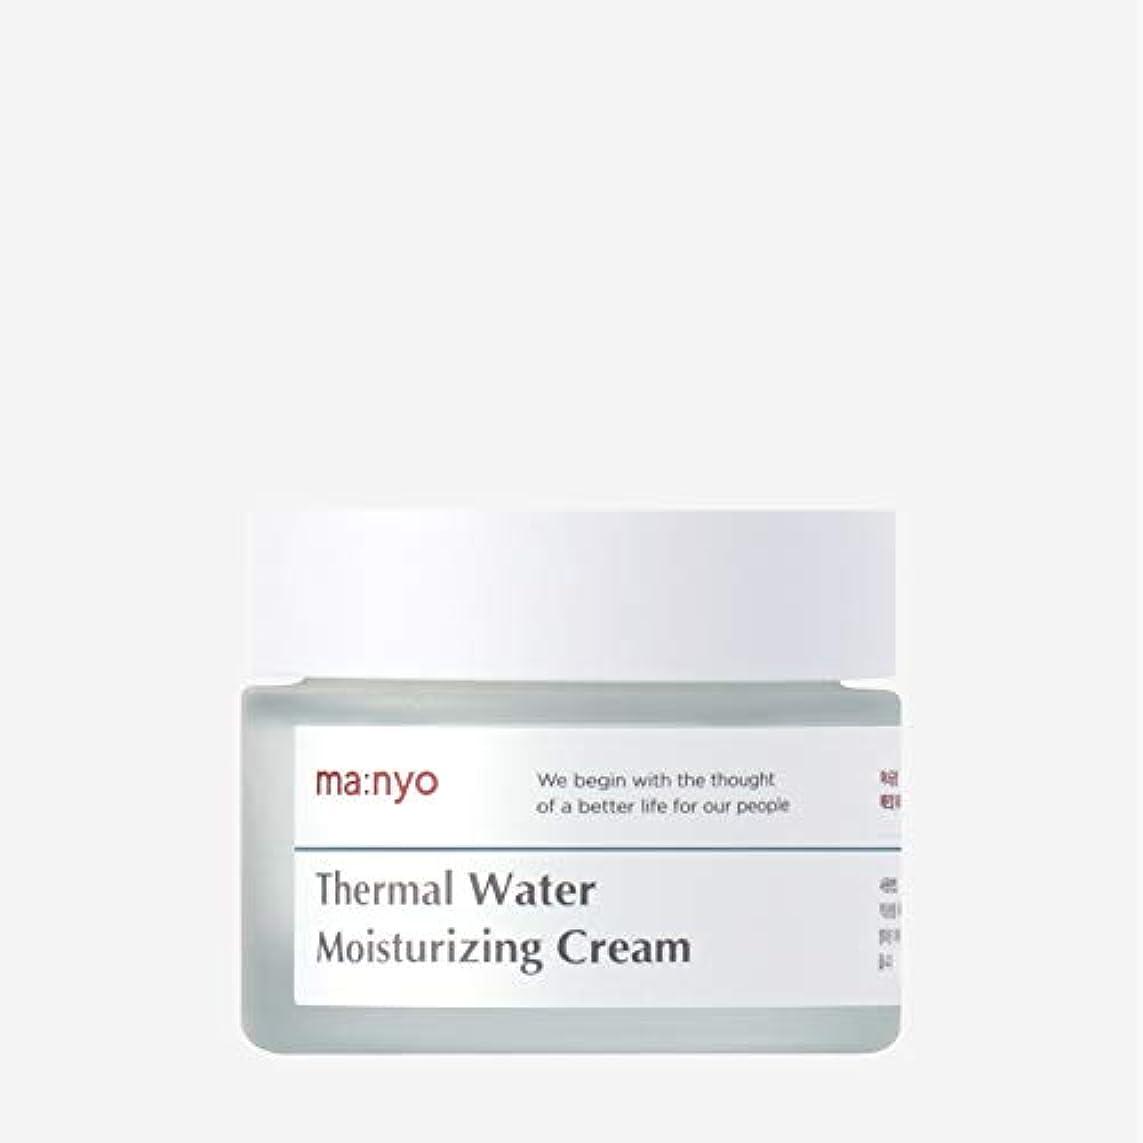 ピケこのめまいが魔女工場(Manyo Factory) 温泉水ミネラルクリーム 50ml / 天然ミネラル、チェコ温泉水67%で保湿補充